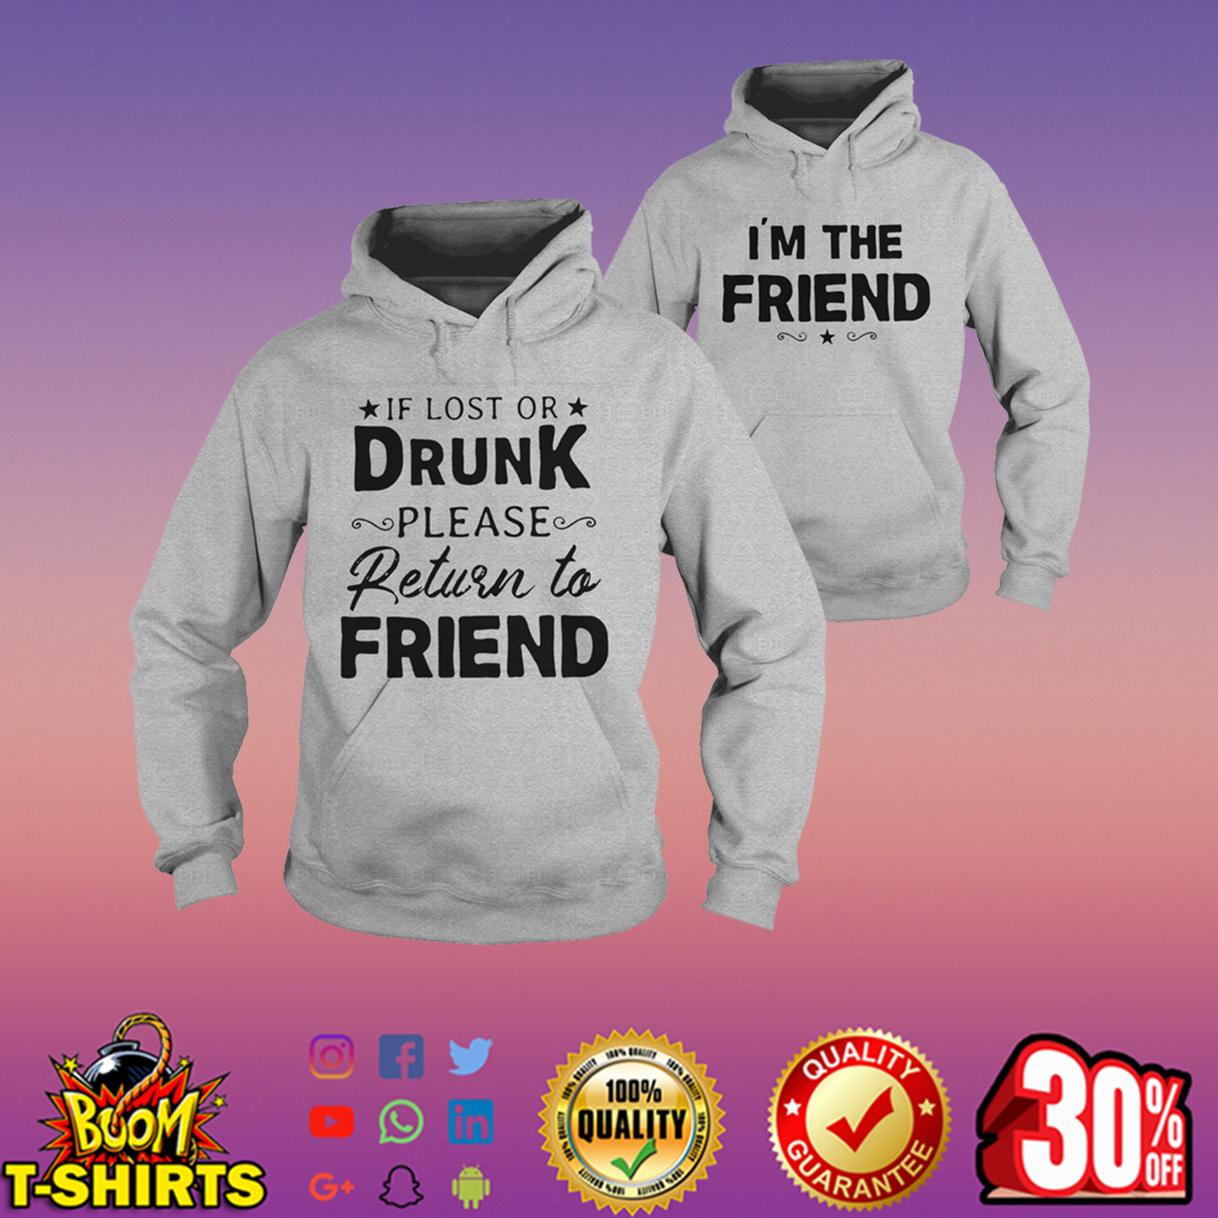 If lost or drunk please return to friend hoodie